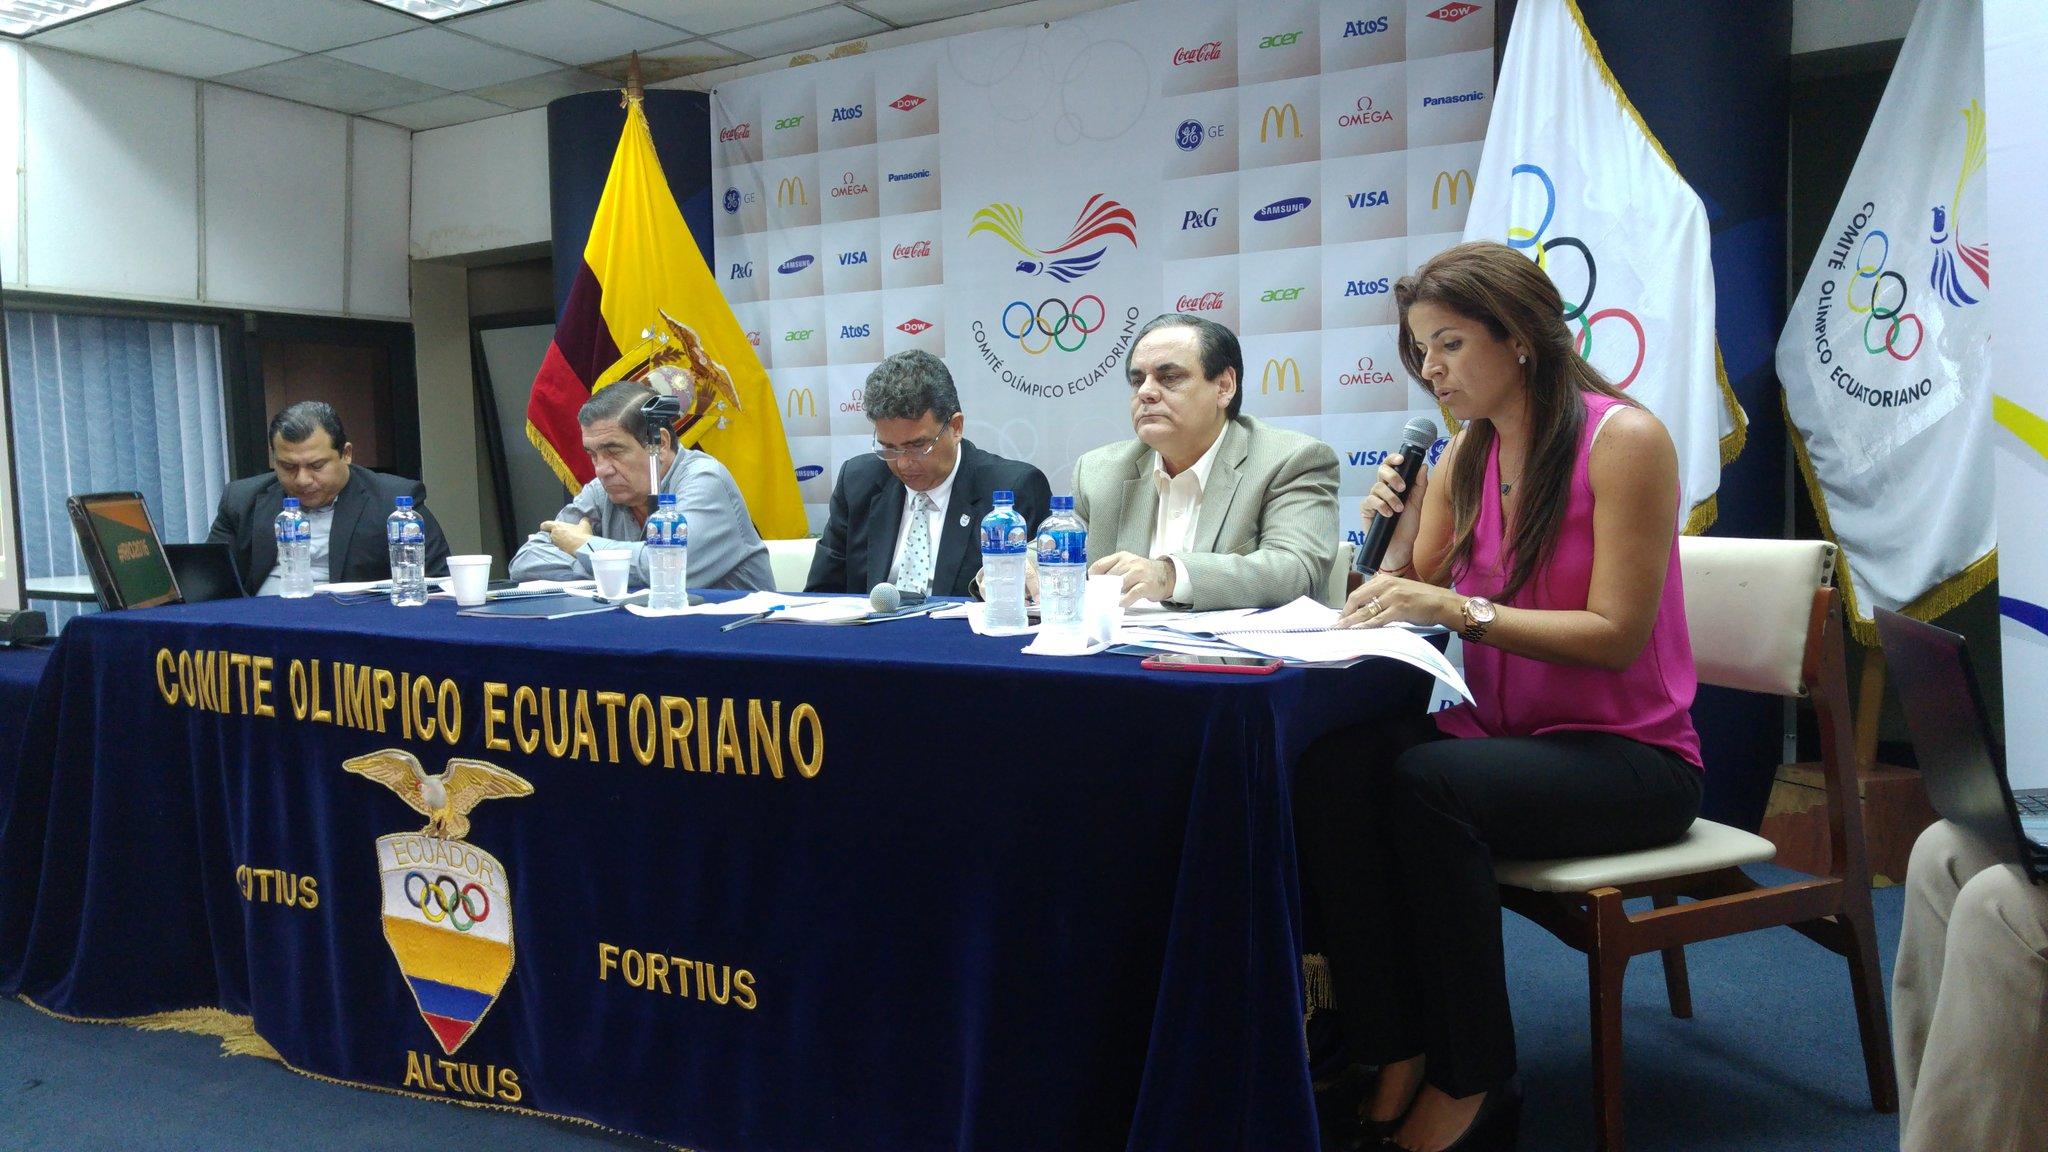 El mensaje de la Secretaría del Deporte a los atletas ecuatorianos tras la suspensión de los Juegos Olímpicos de Tokio